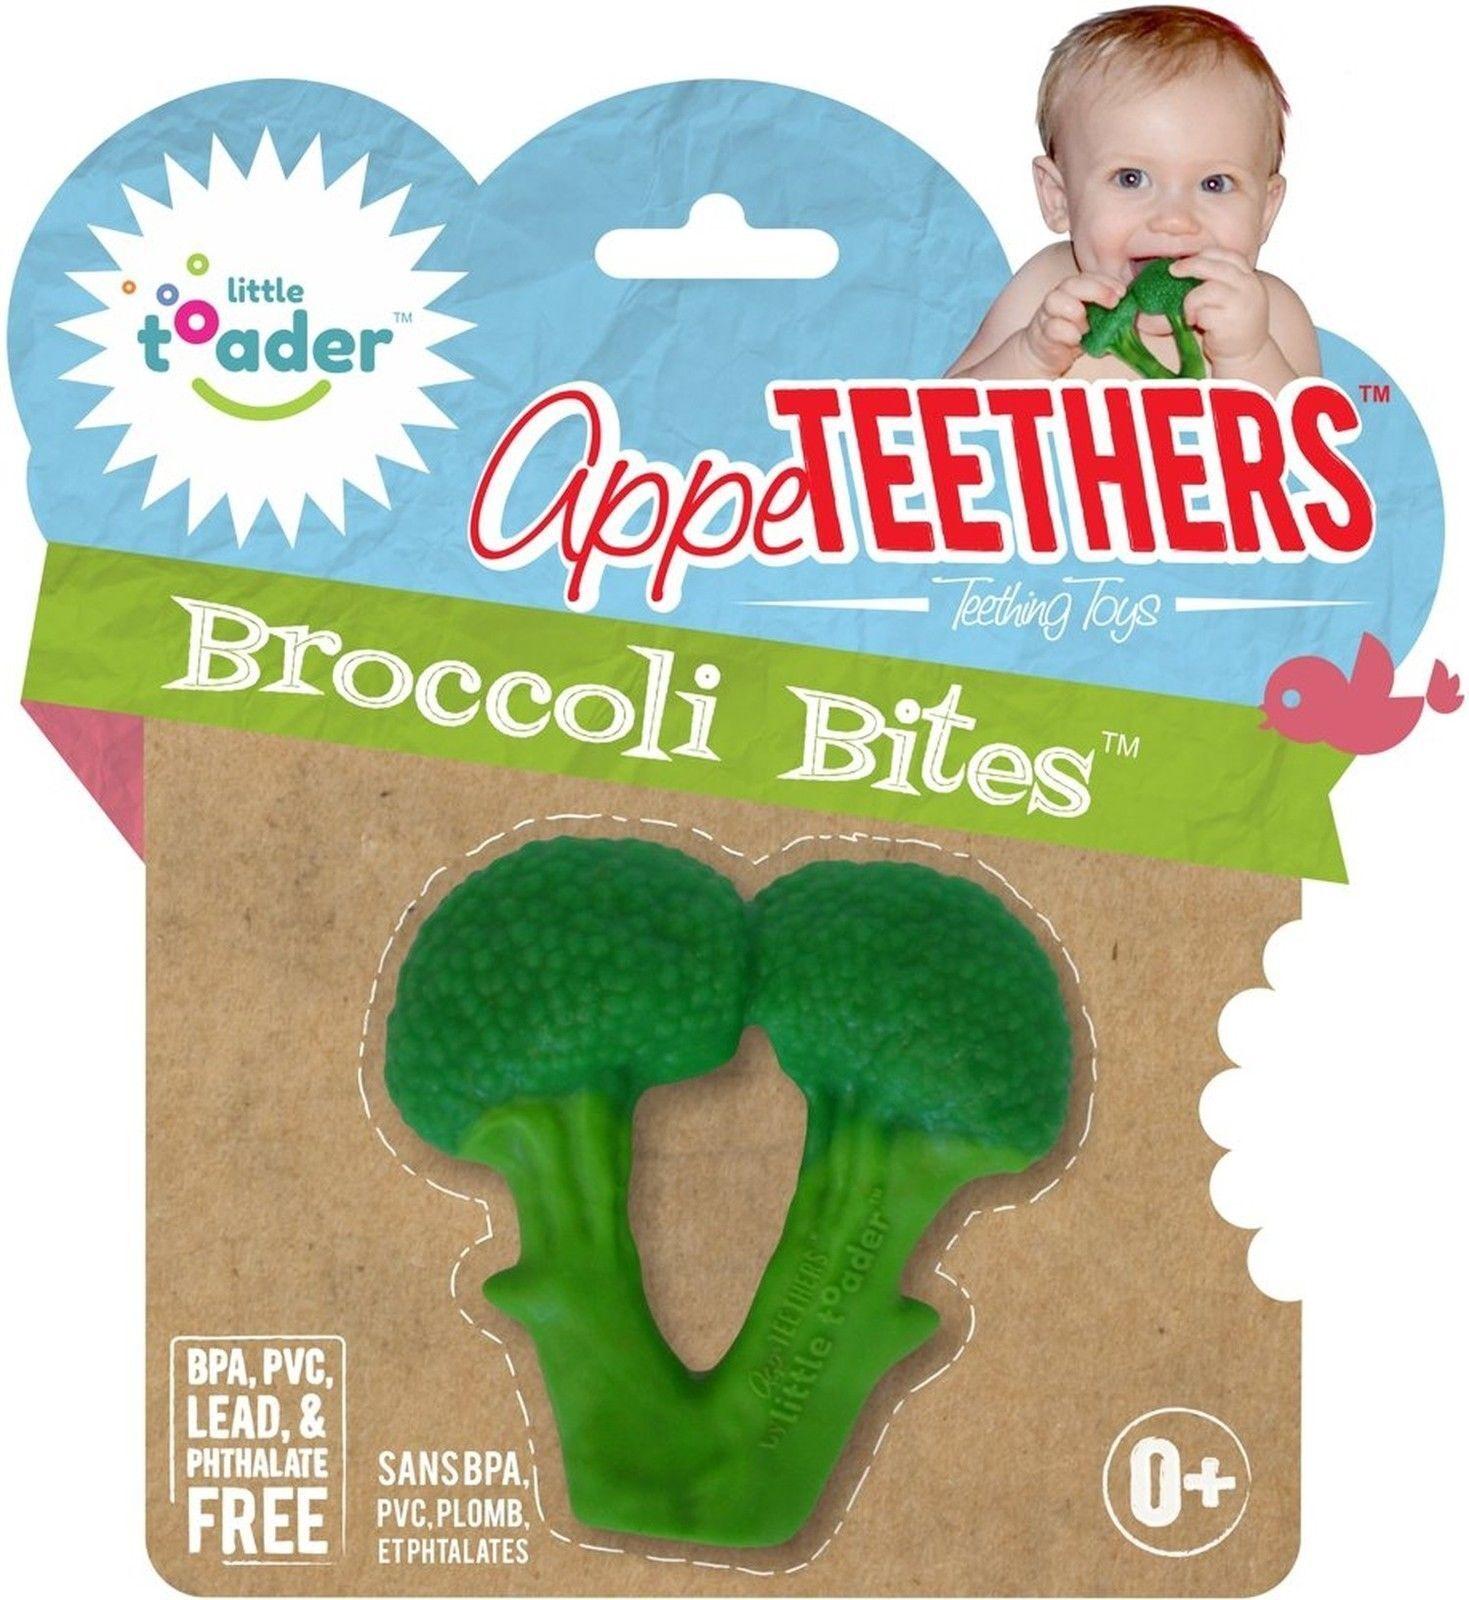 Appeteether Broccoli Bites Baby teether Brote de brócoli bebe dientes